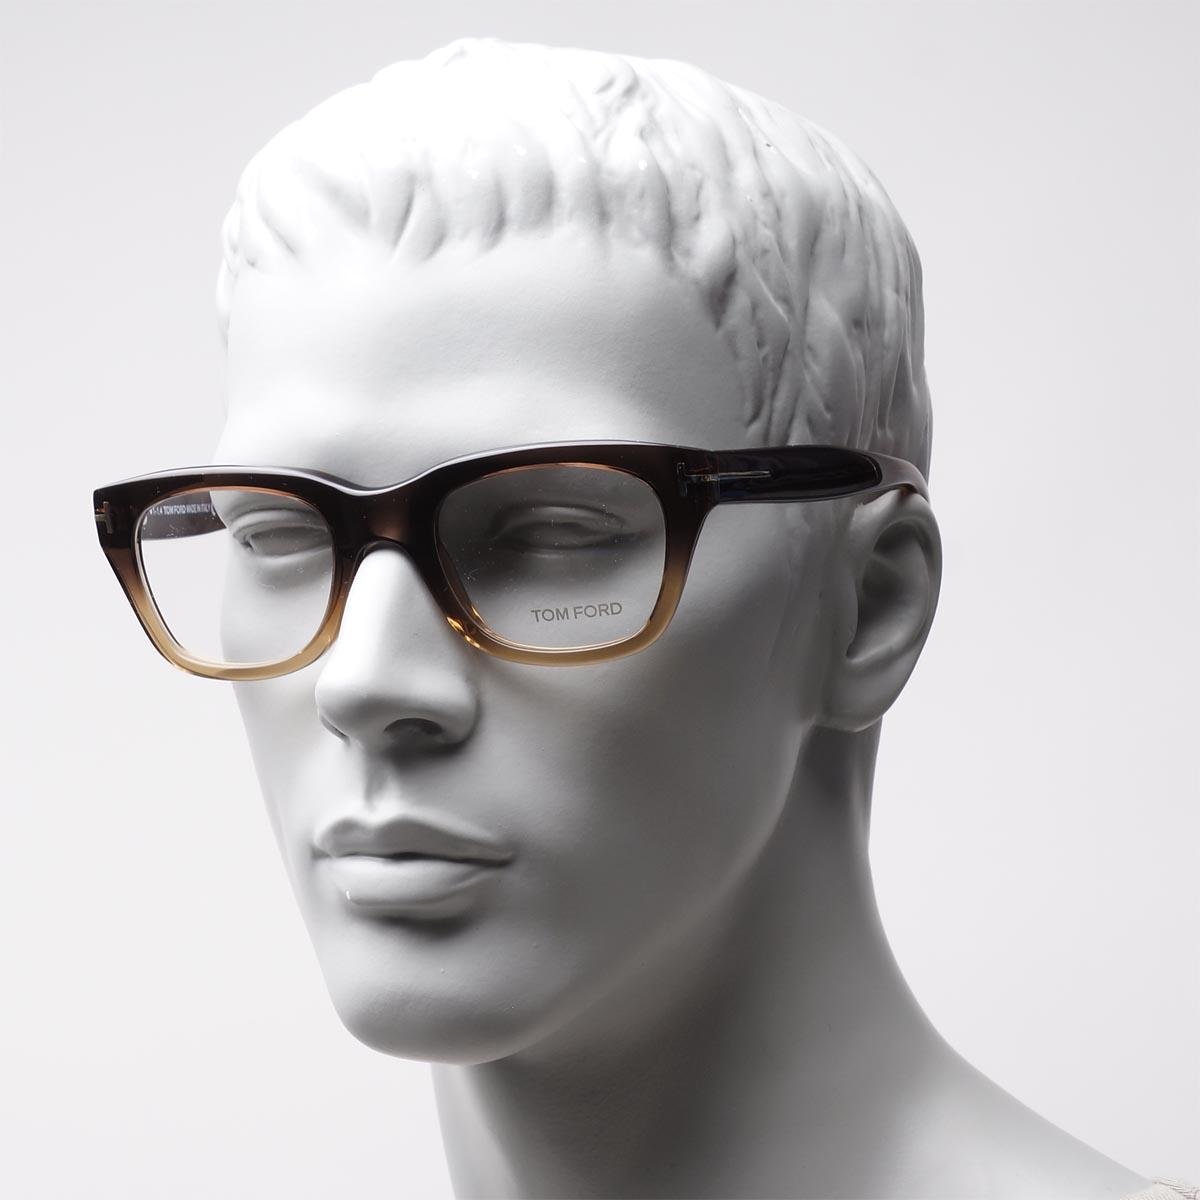 トムフォード TOM FORD 眼鏡 メガネ ブラウン メンズ フレーム ft5178 050 TF5178 ウェリントン[MMSG]